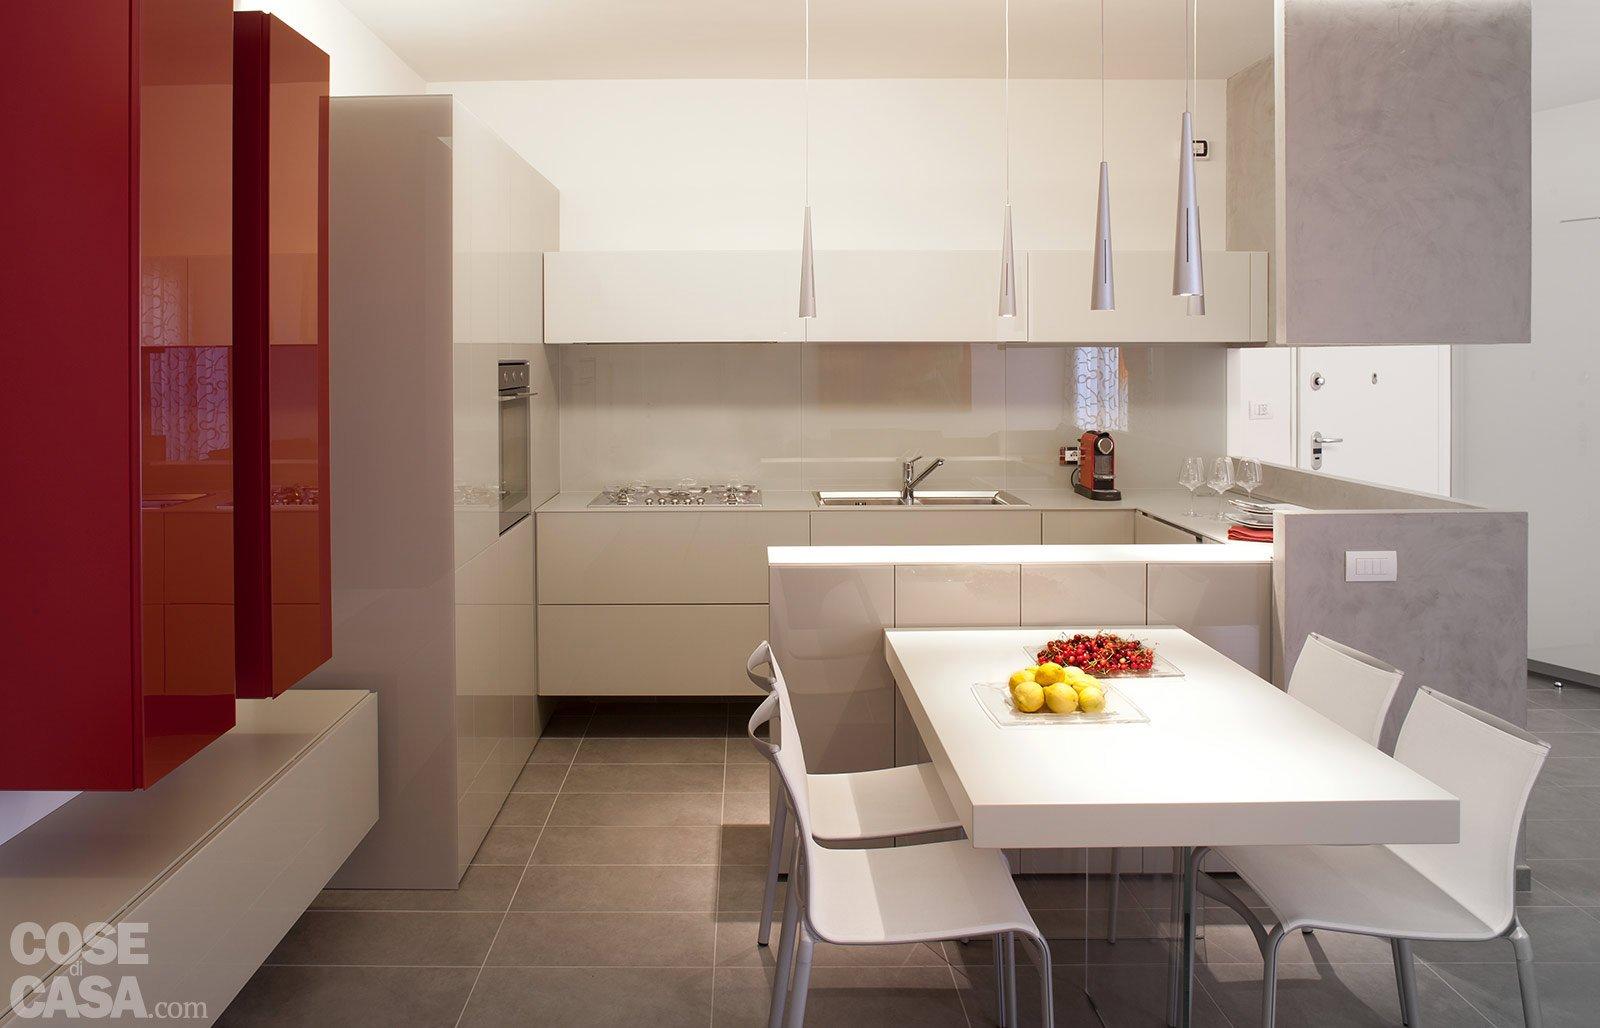 85 Mq: Una Casa Per Una Famiglia Giovane Cose Di Casa #BC980F 1600 1028 Come Arredare Cucina Soggiorno Rustica